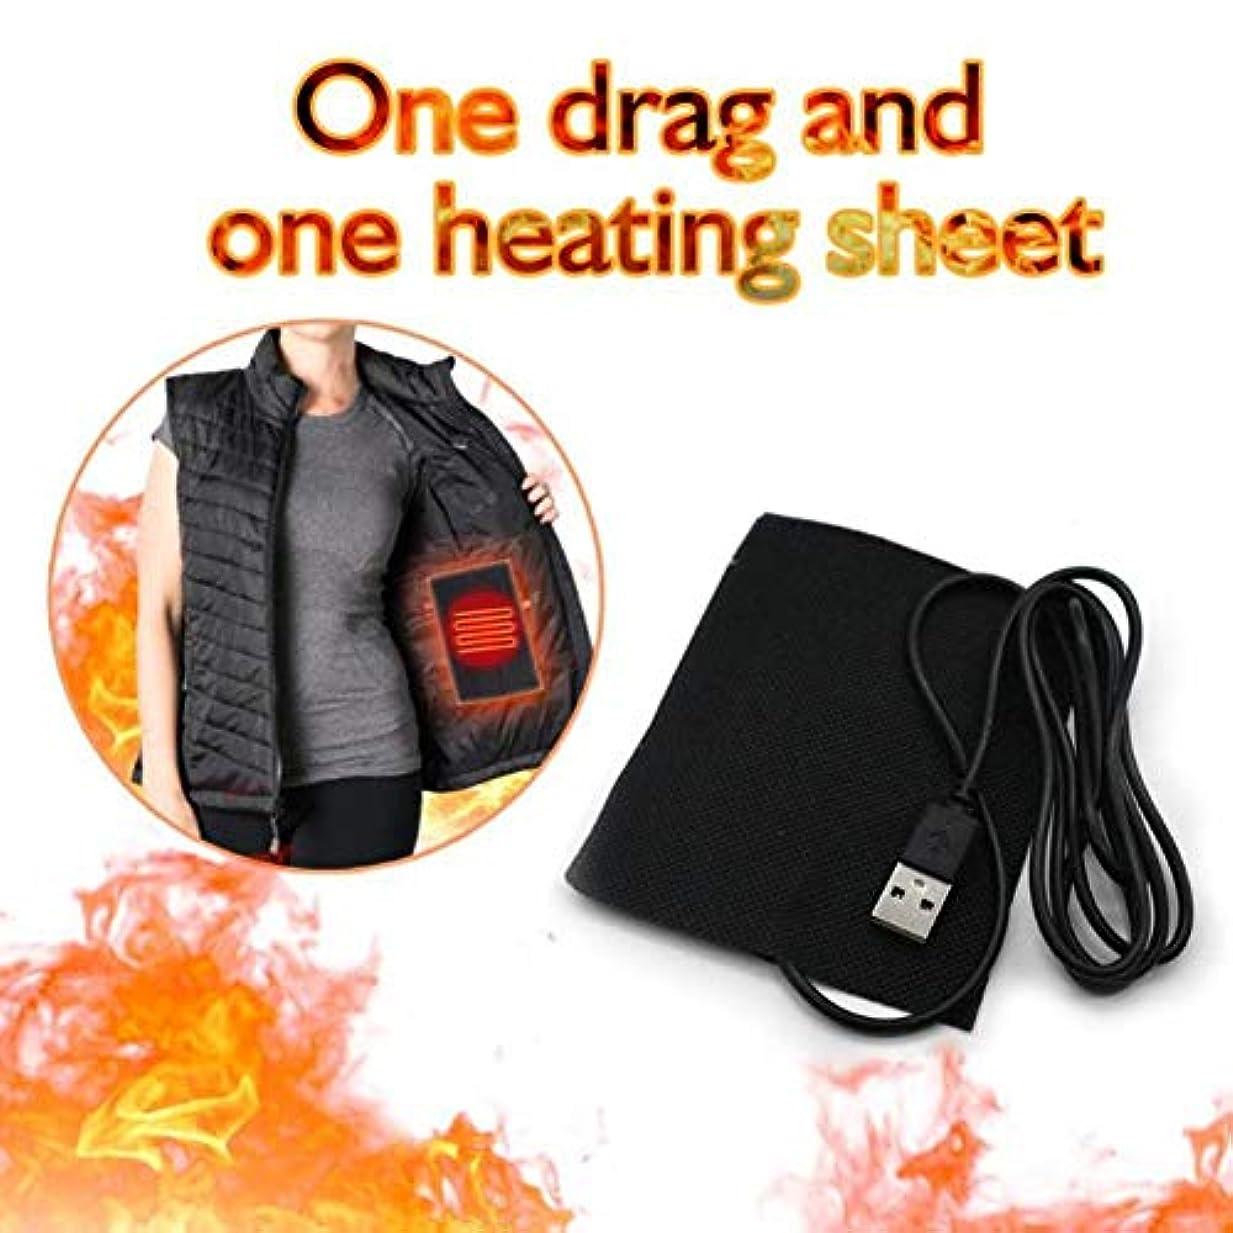 日焼け振り子甘いLucoss 8-in-1衣類電熱パッド、5ギア調整可能温度複合繊維加熱シート片、引っ張りに抵抗、USB充電冬ジャケット加熱ウォーマー